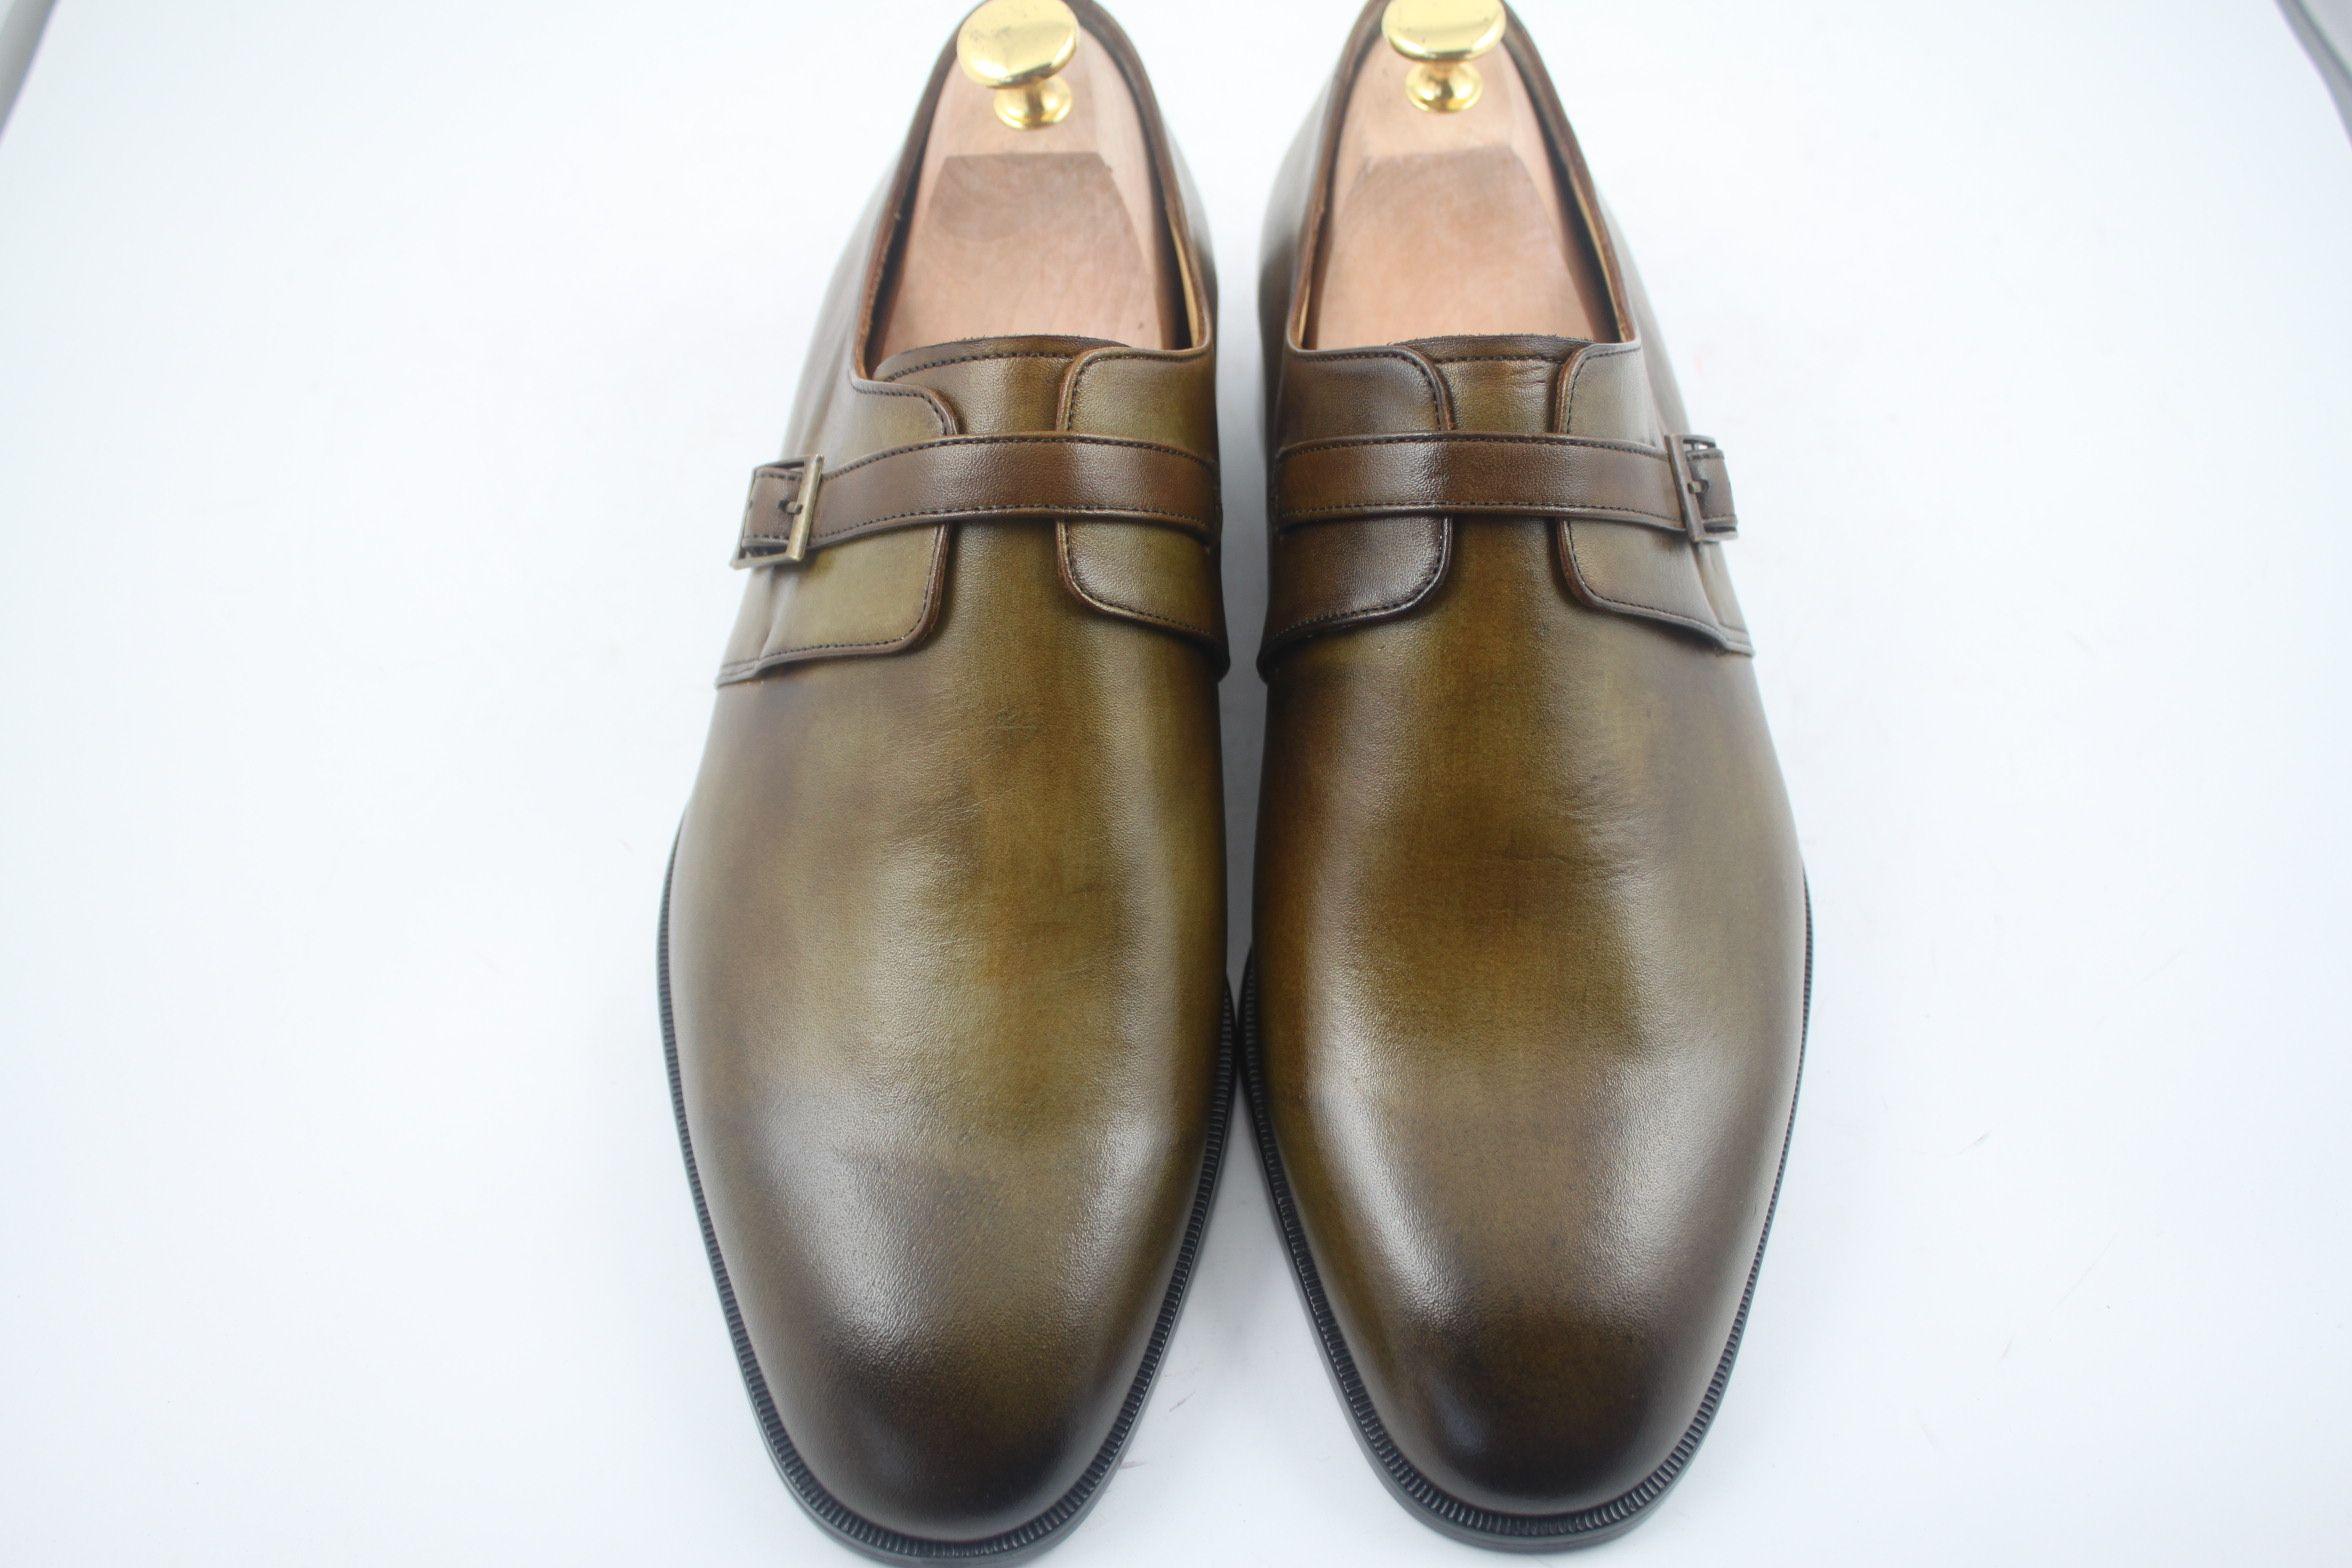 221e0e4d1fba2 Acheter Hommes Chaussures De Marche Monk Chaussures Chaussures À La Main  Faites À La Main Cuir De Veau Authentique Couleur Brun Foncé Sangle Seule  Boucle Hd ...